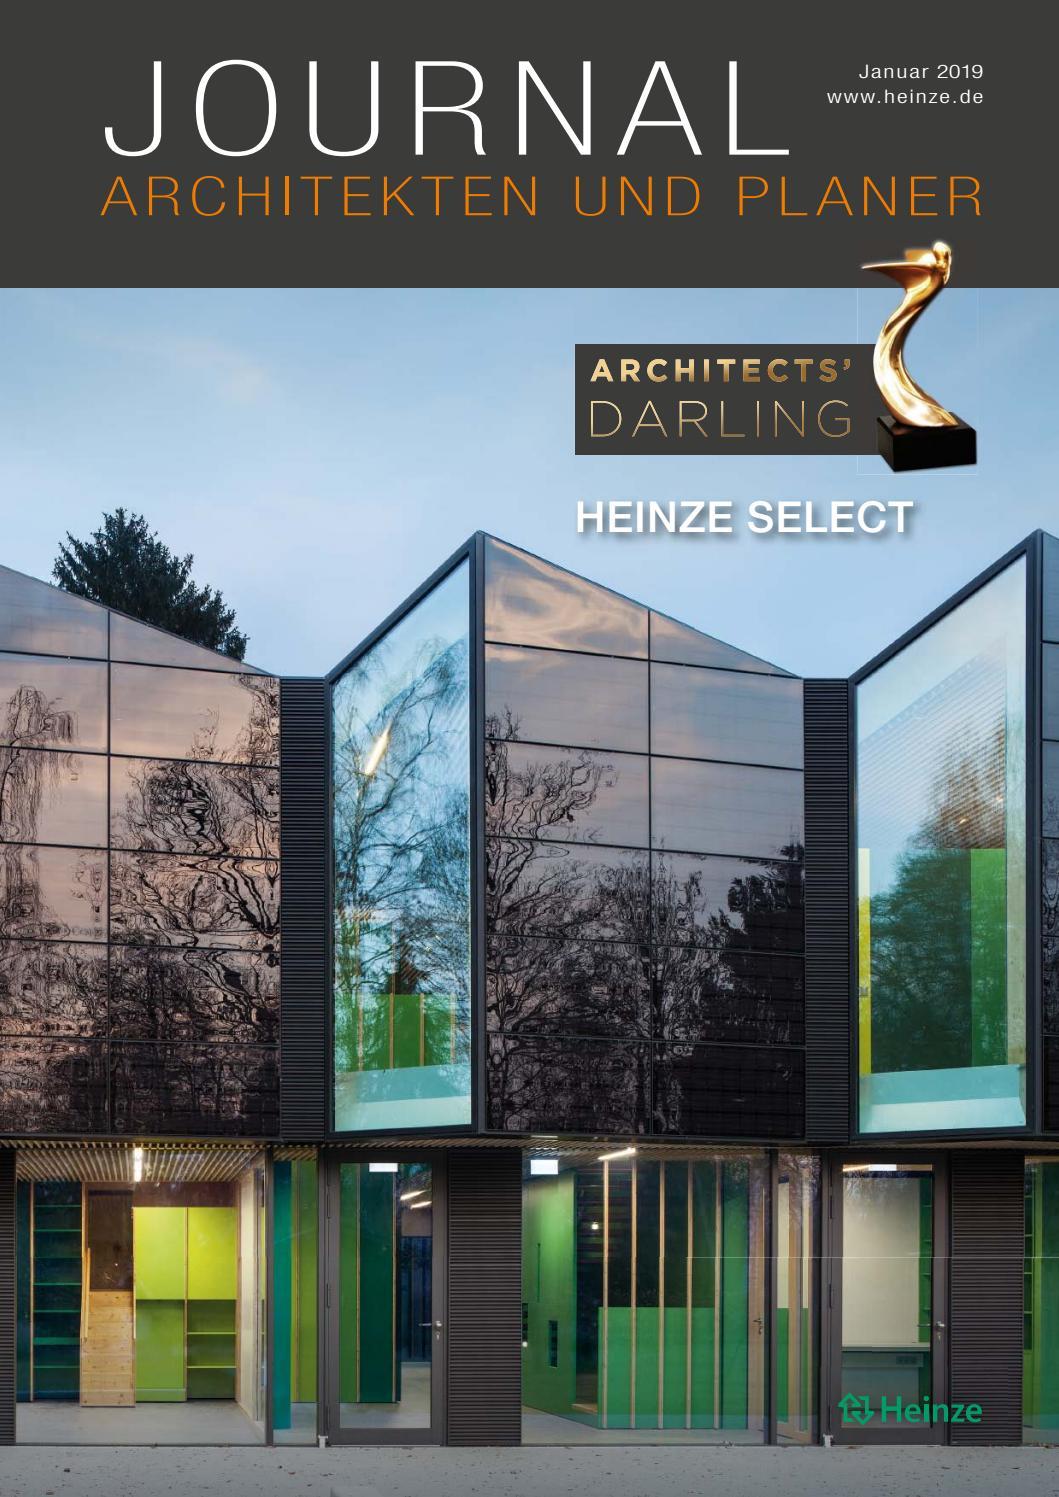 Journal Architekten und Planer Januar 25 by Heinze GmbH   issuu